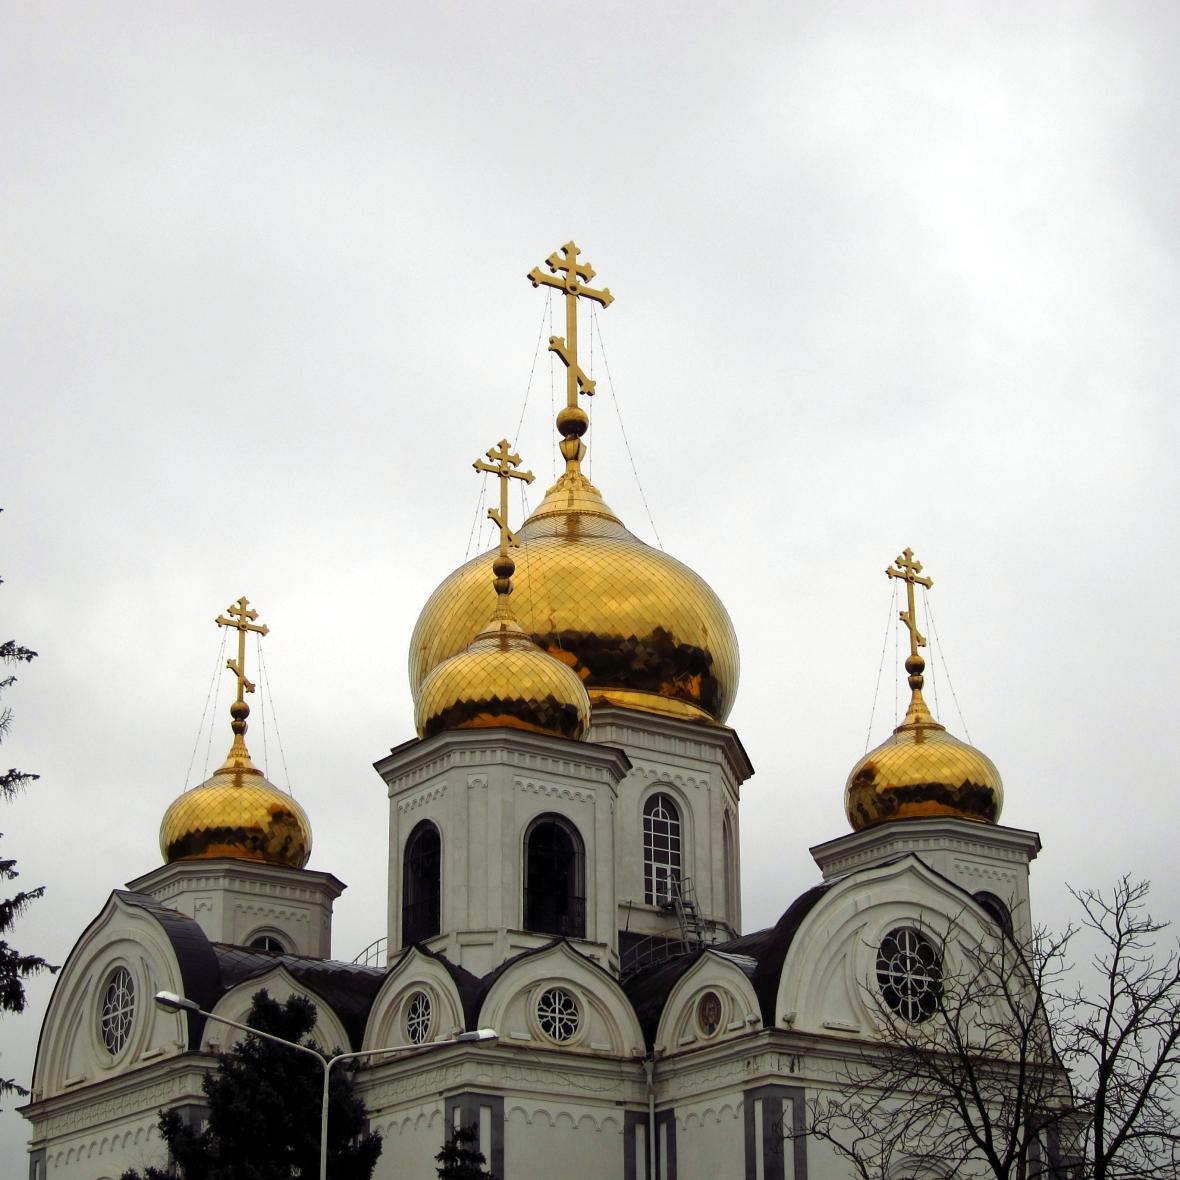 russiantserkov